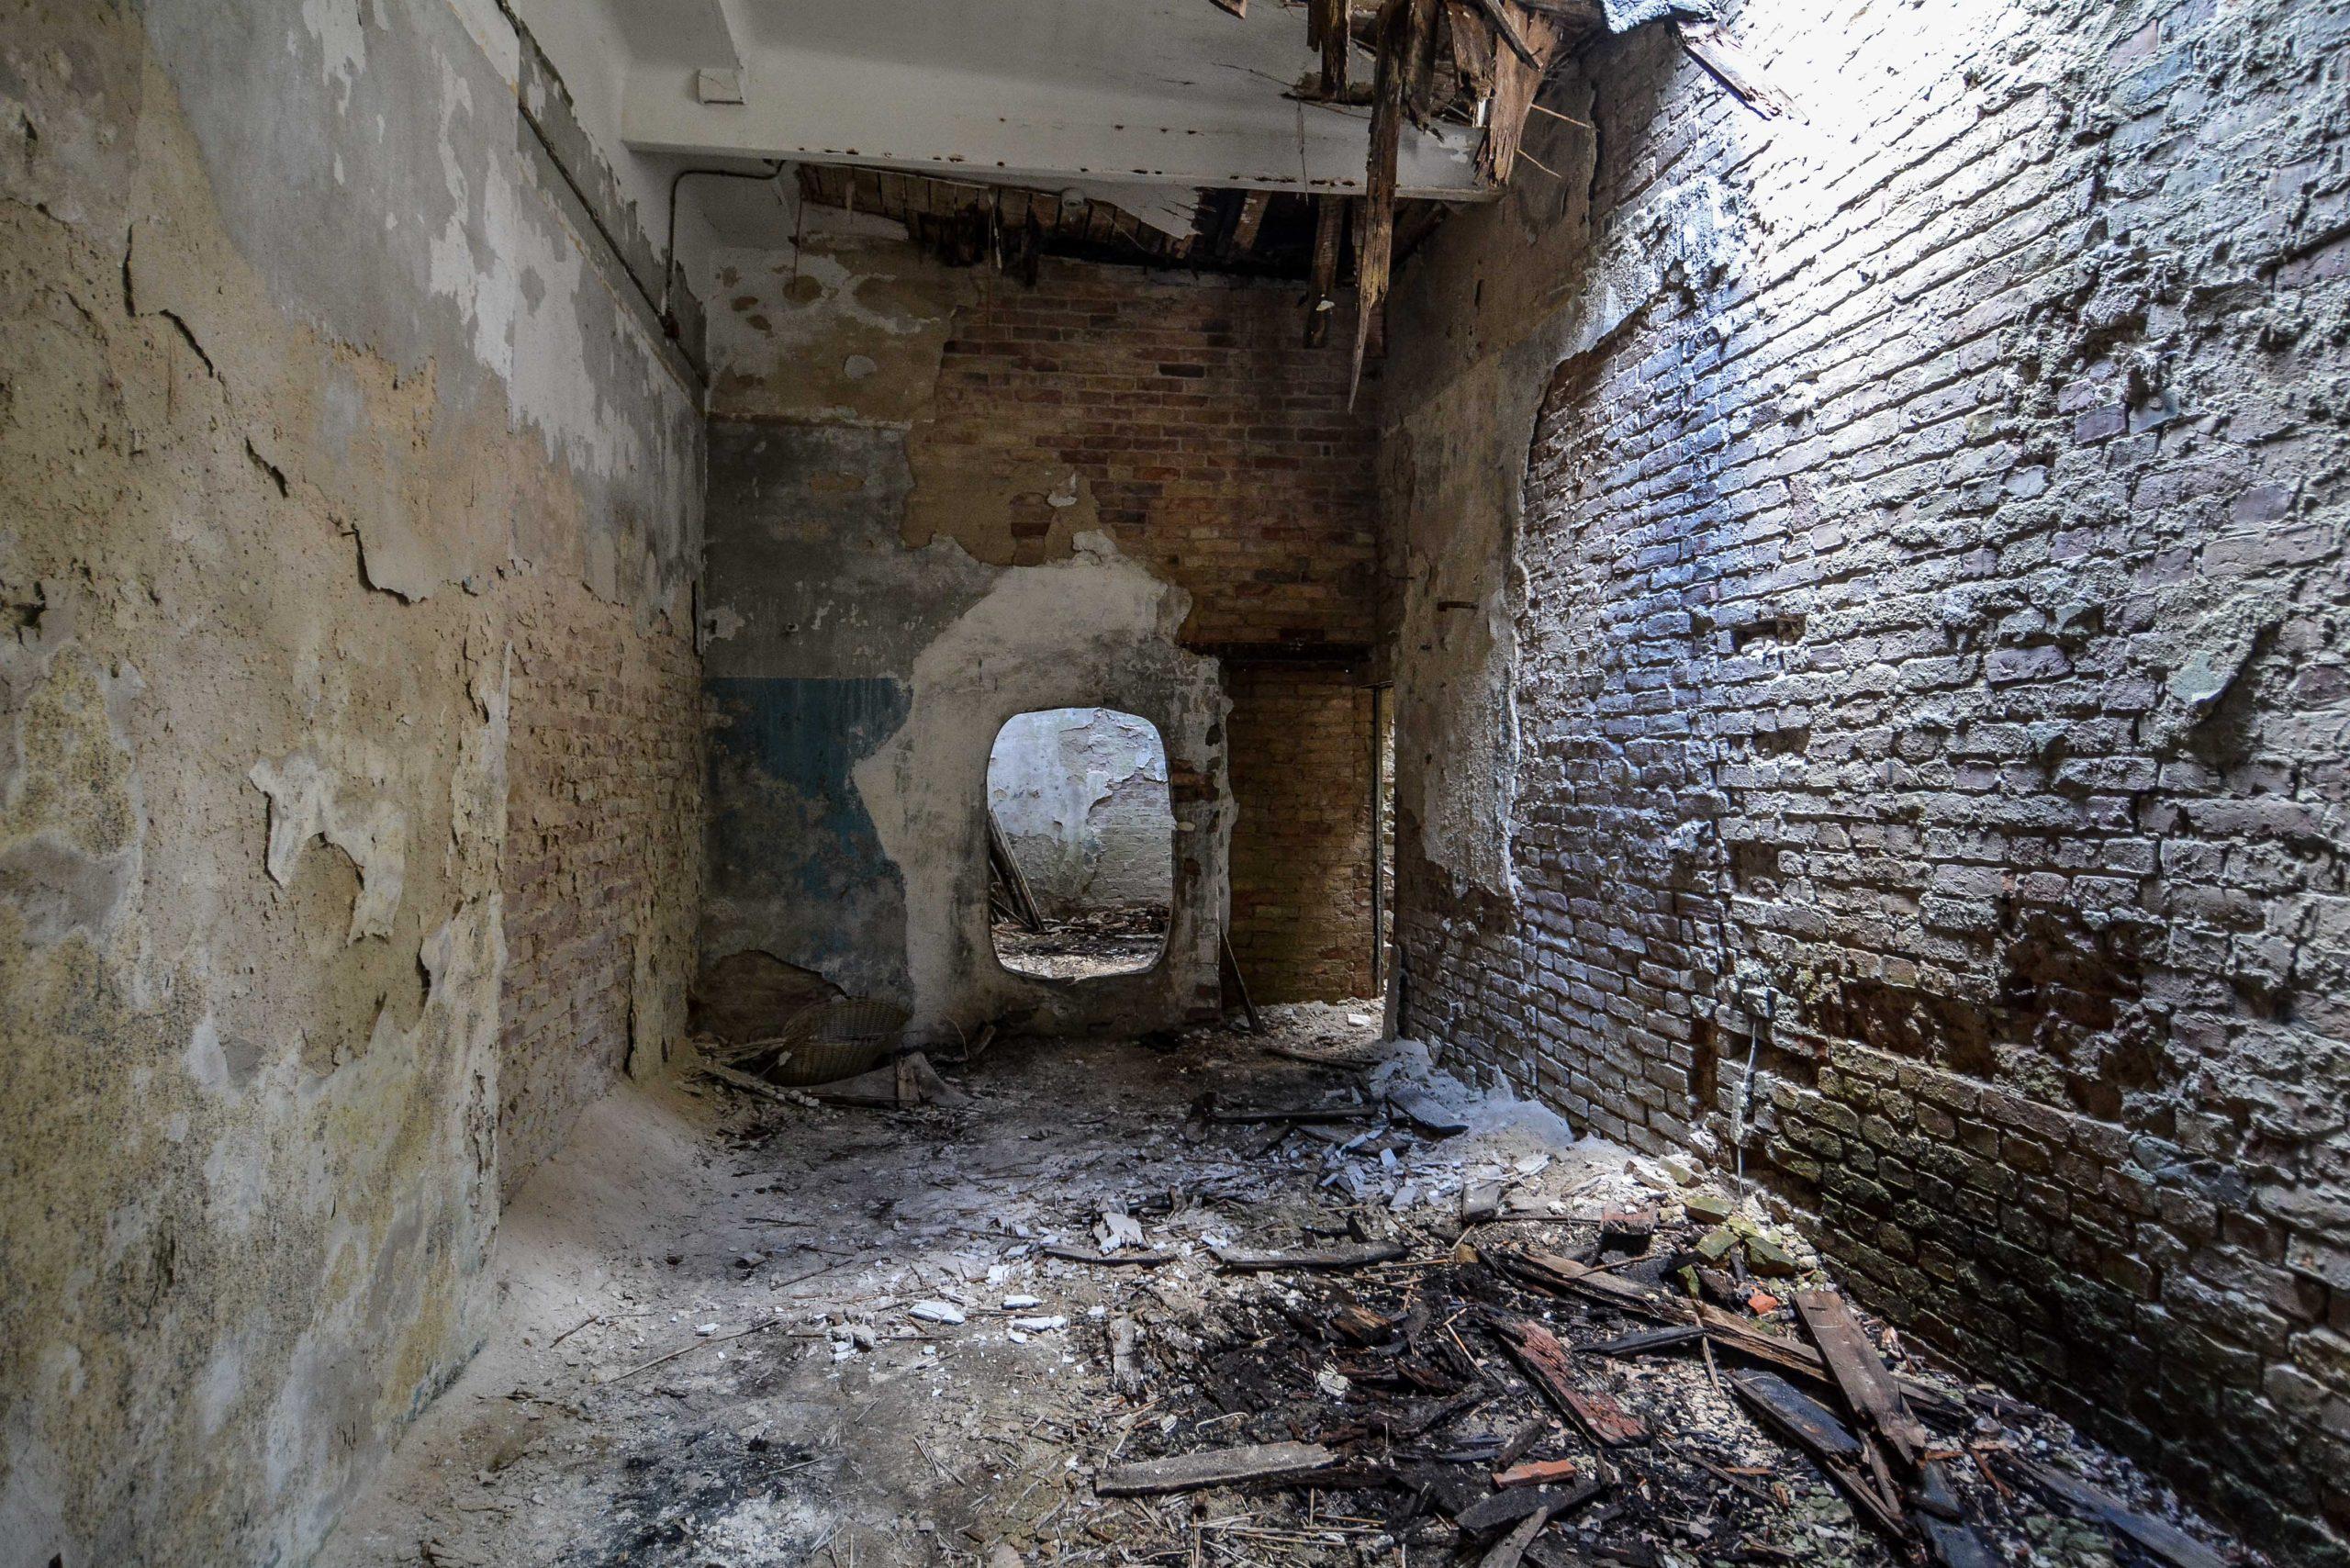 hole wall tuberkulose heilstaette grabowsee sanatorium oranienburg lost places abandoned urbex brandenburg germany deutschland